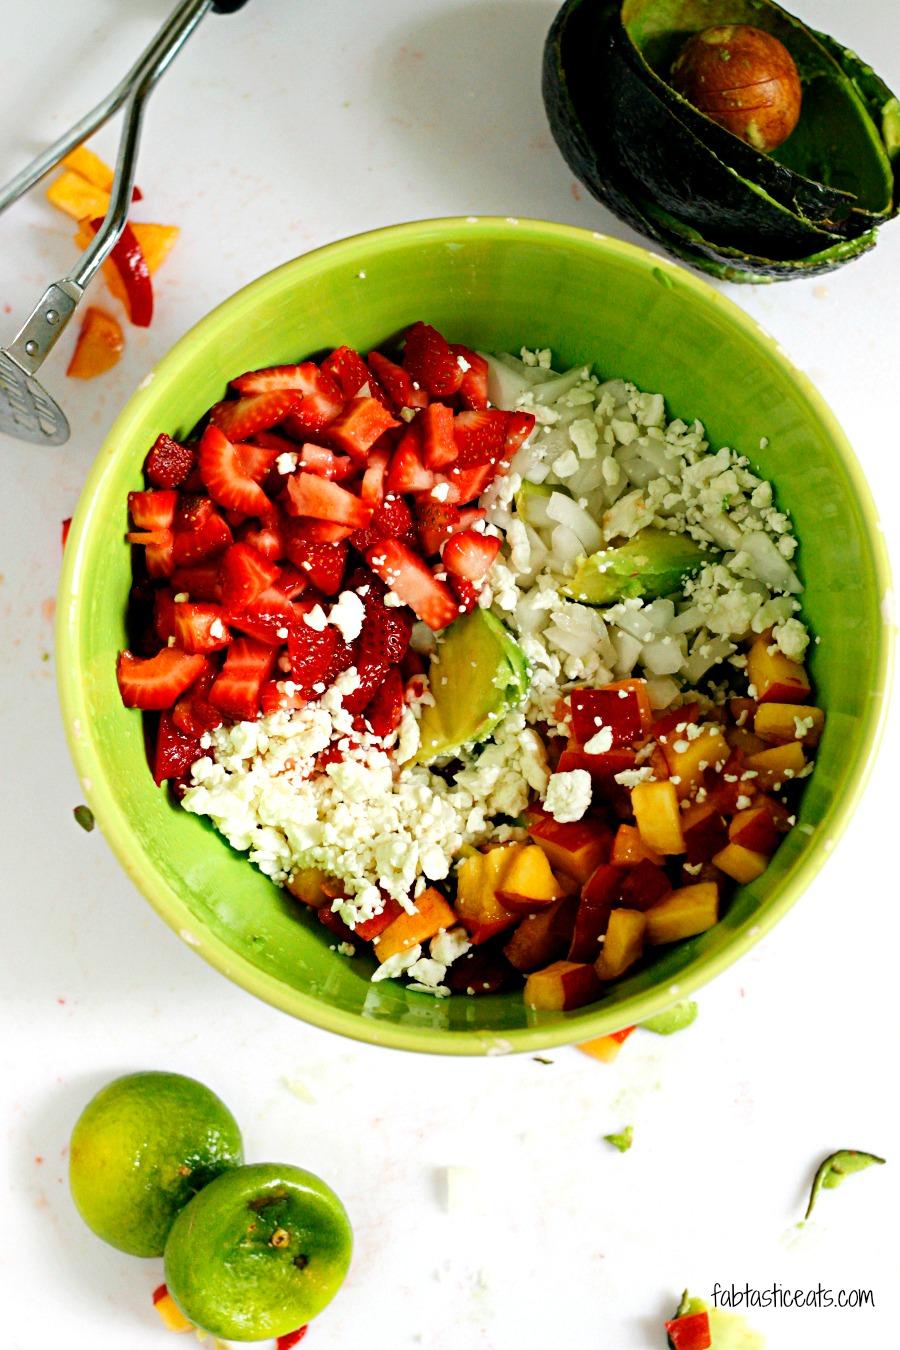 Strawberry and Peach Guacamole